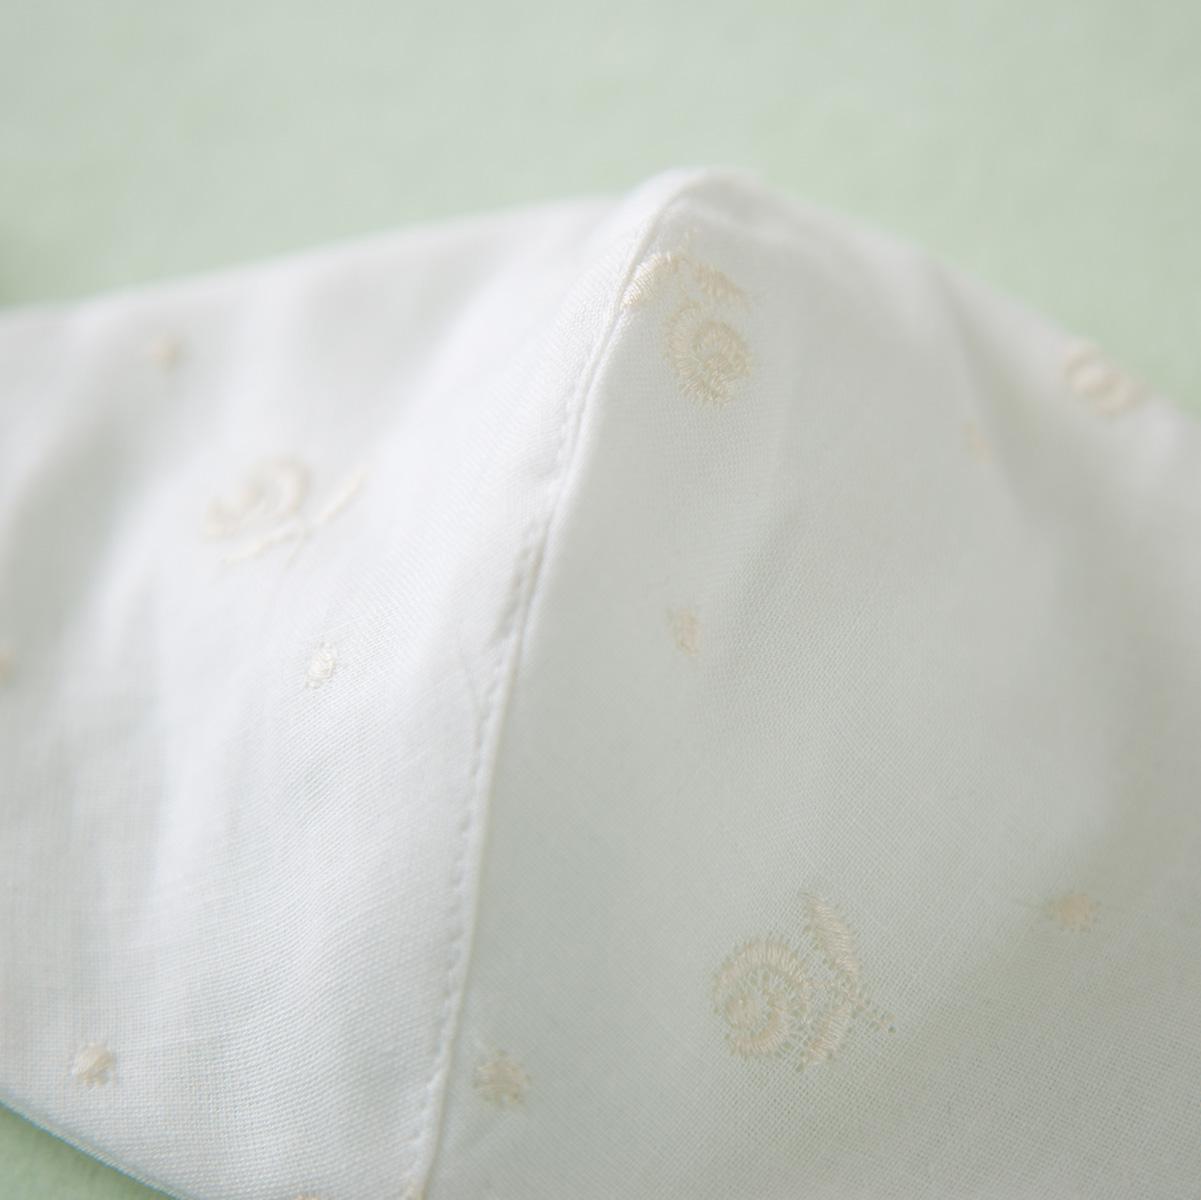 【大人用】ワイヤーなし/花柄刺しゅうガーゼマスク(オフ白) HH1674 (衛生用品)